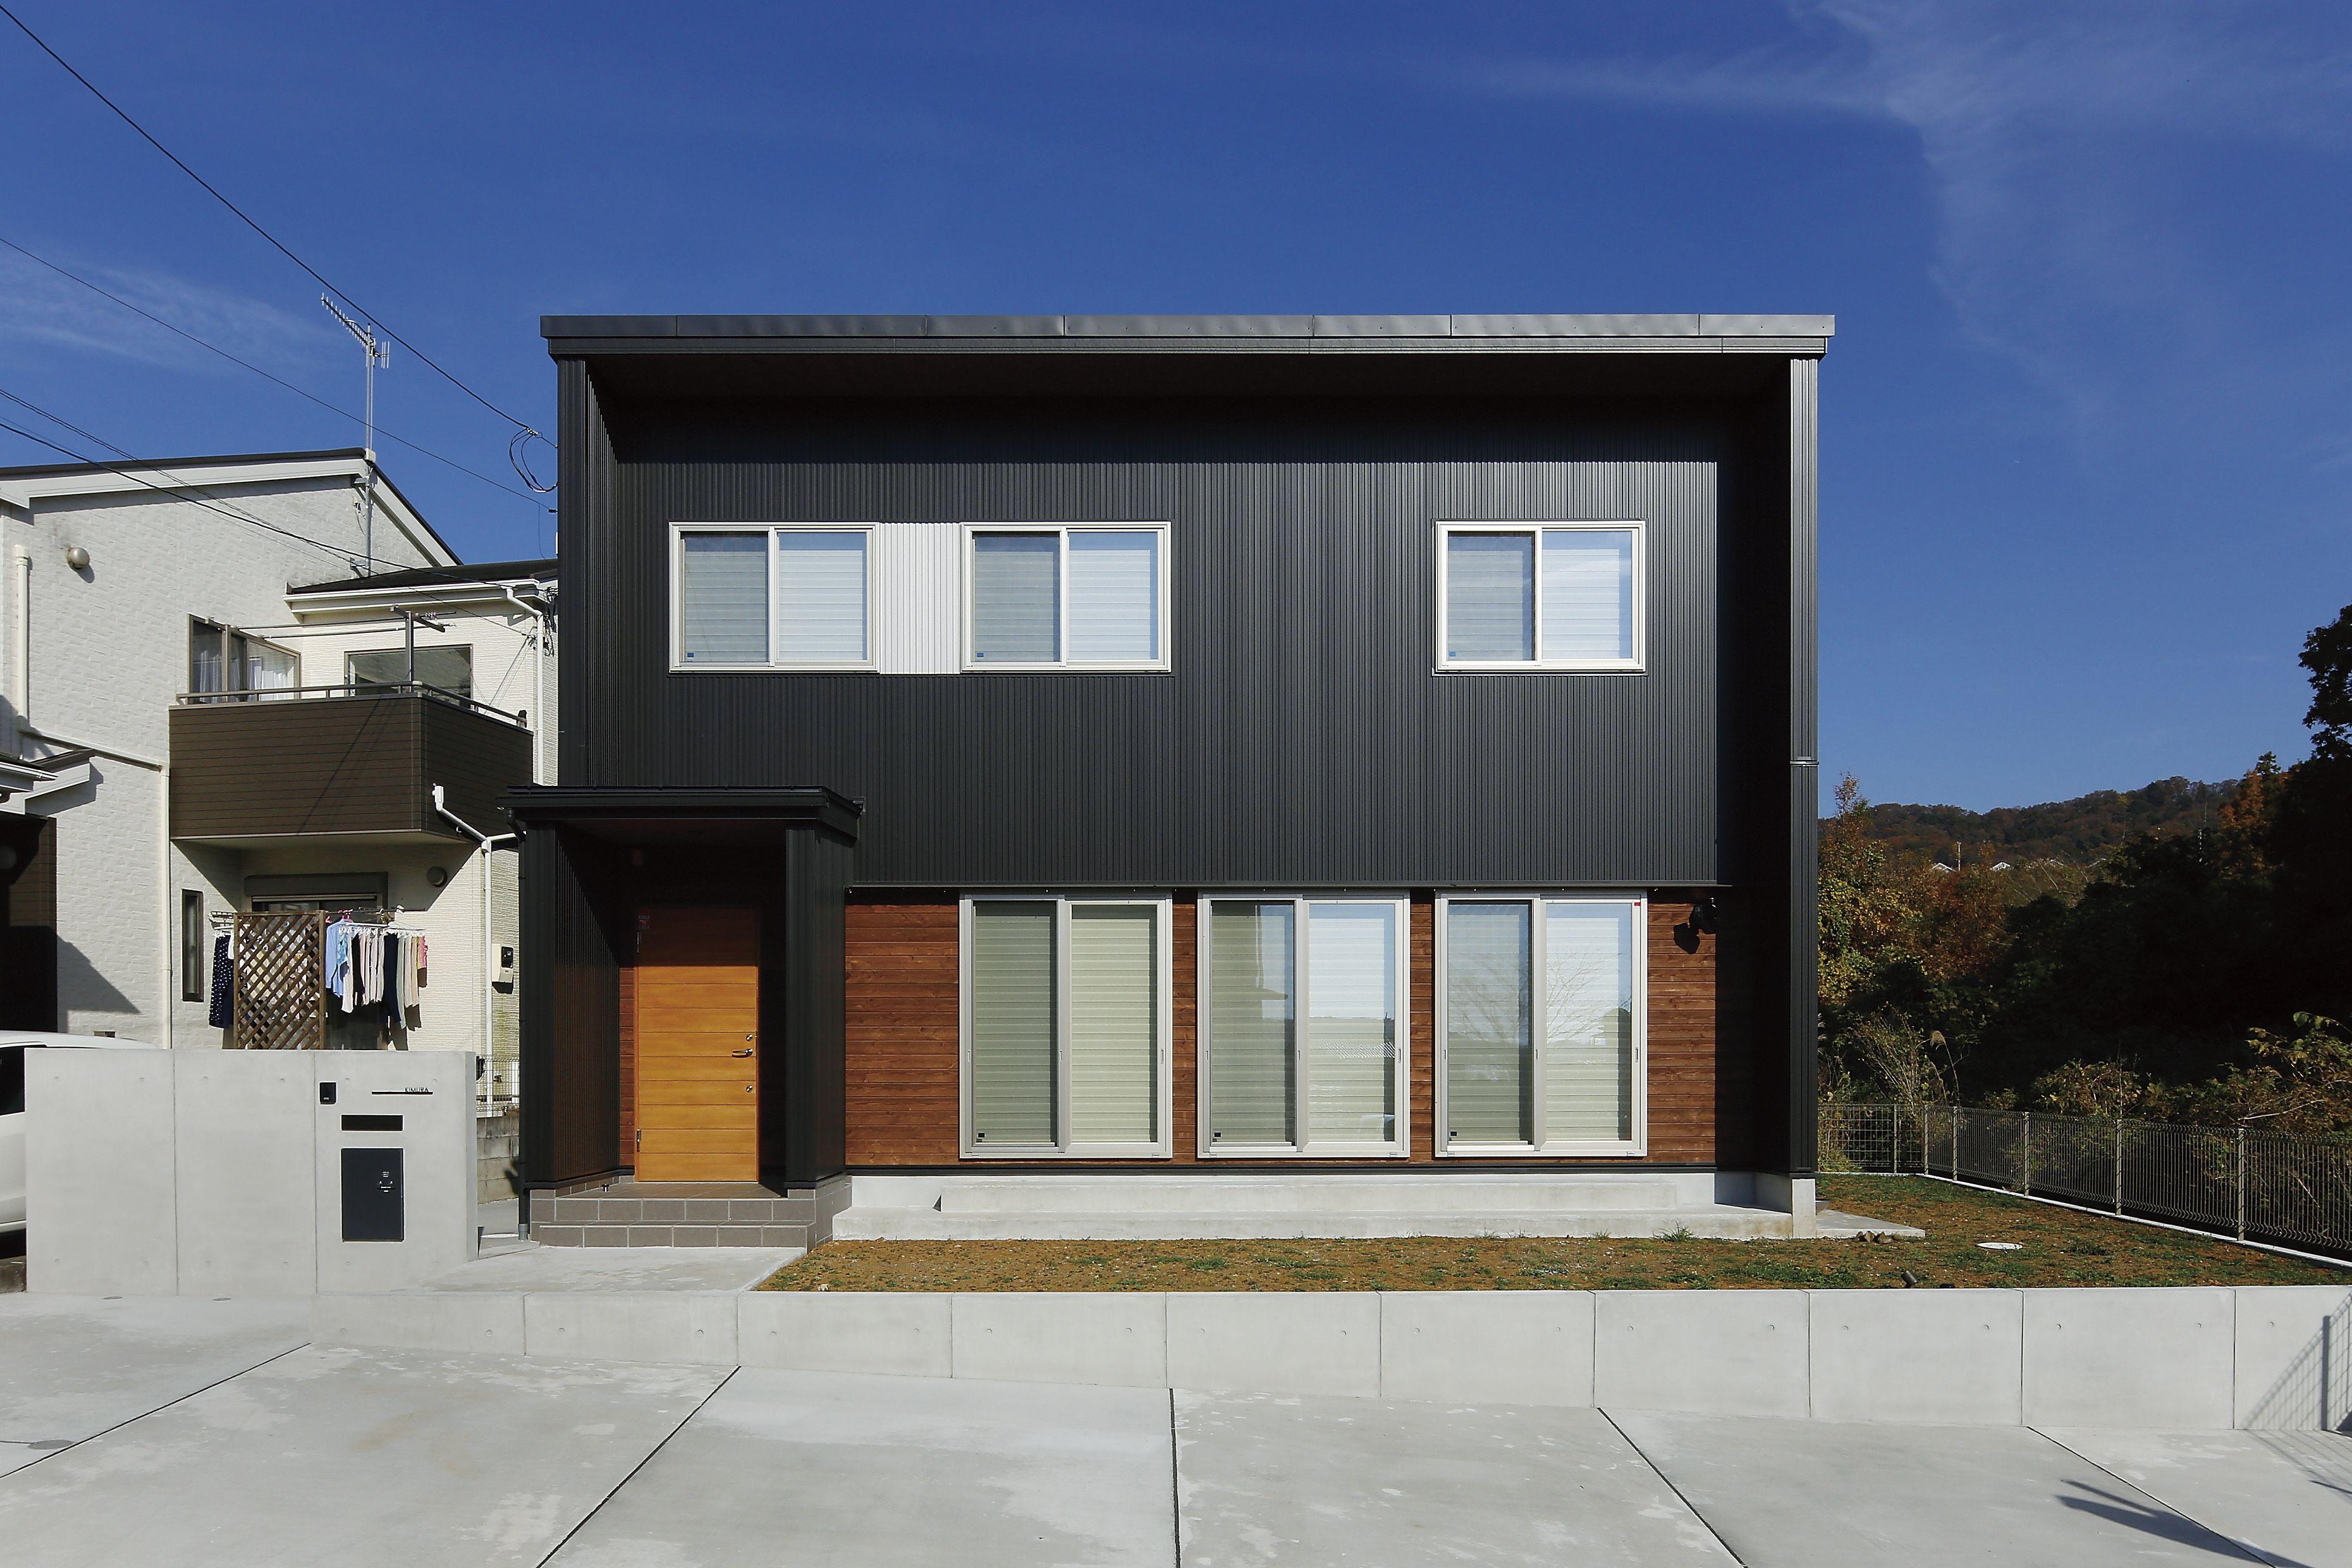 黒いガルバリウム鋼板と杉の木を組み合わせ スクエアでスタイリッシュ